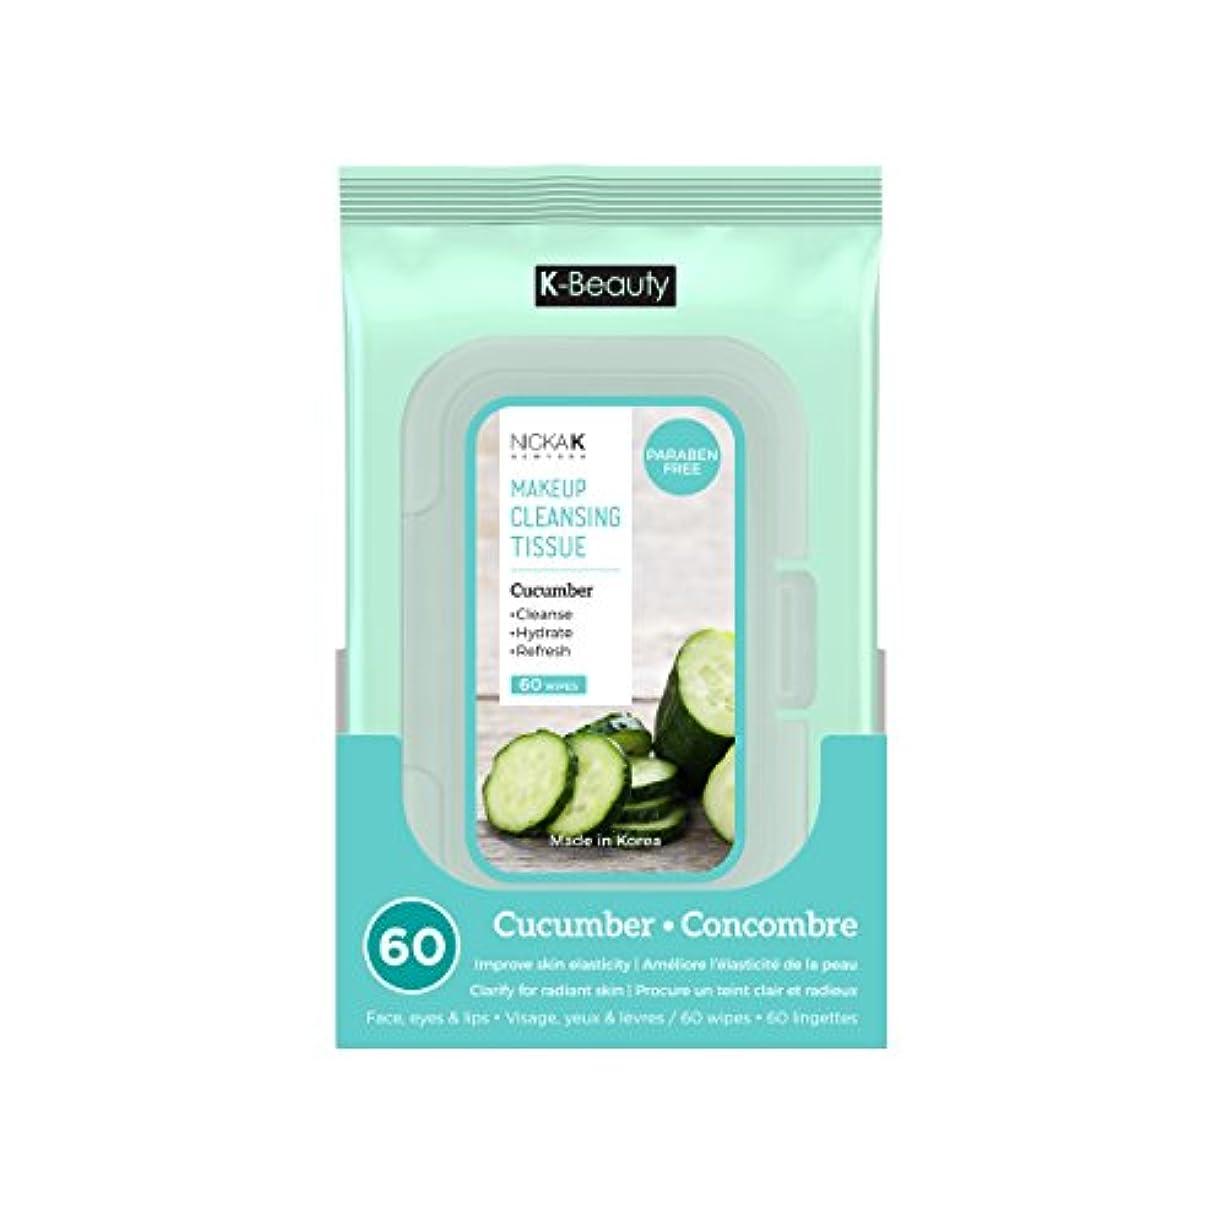 チャールズキージング批判的に悪性腫瘍NICKA K Make Up Cleansing Tissue - Cucumber (並行輸入品)